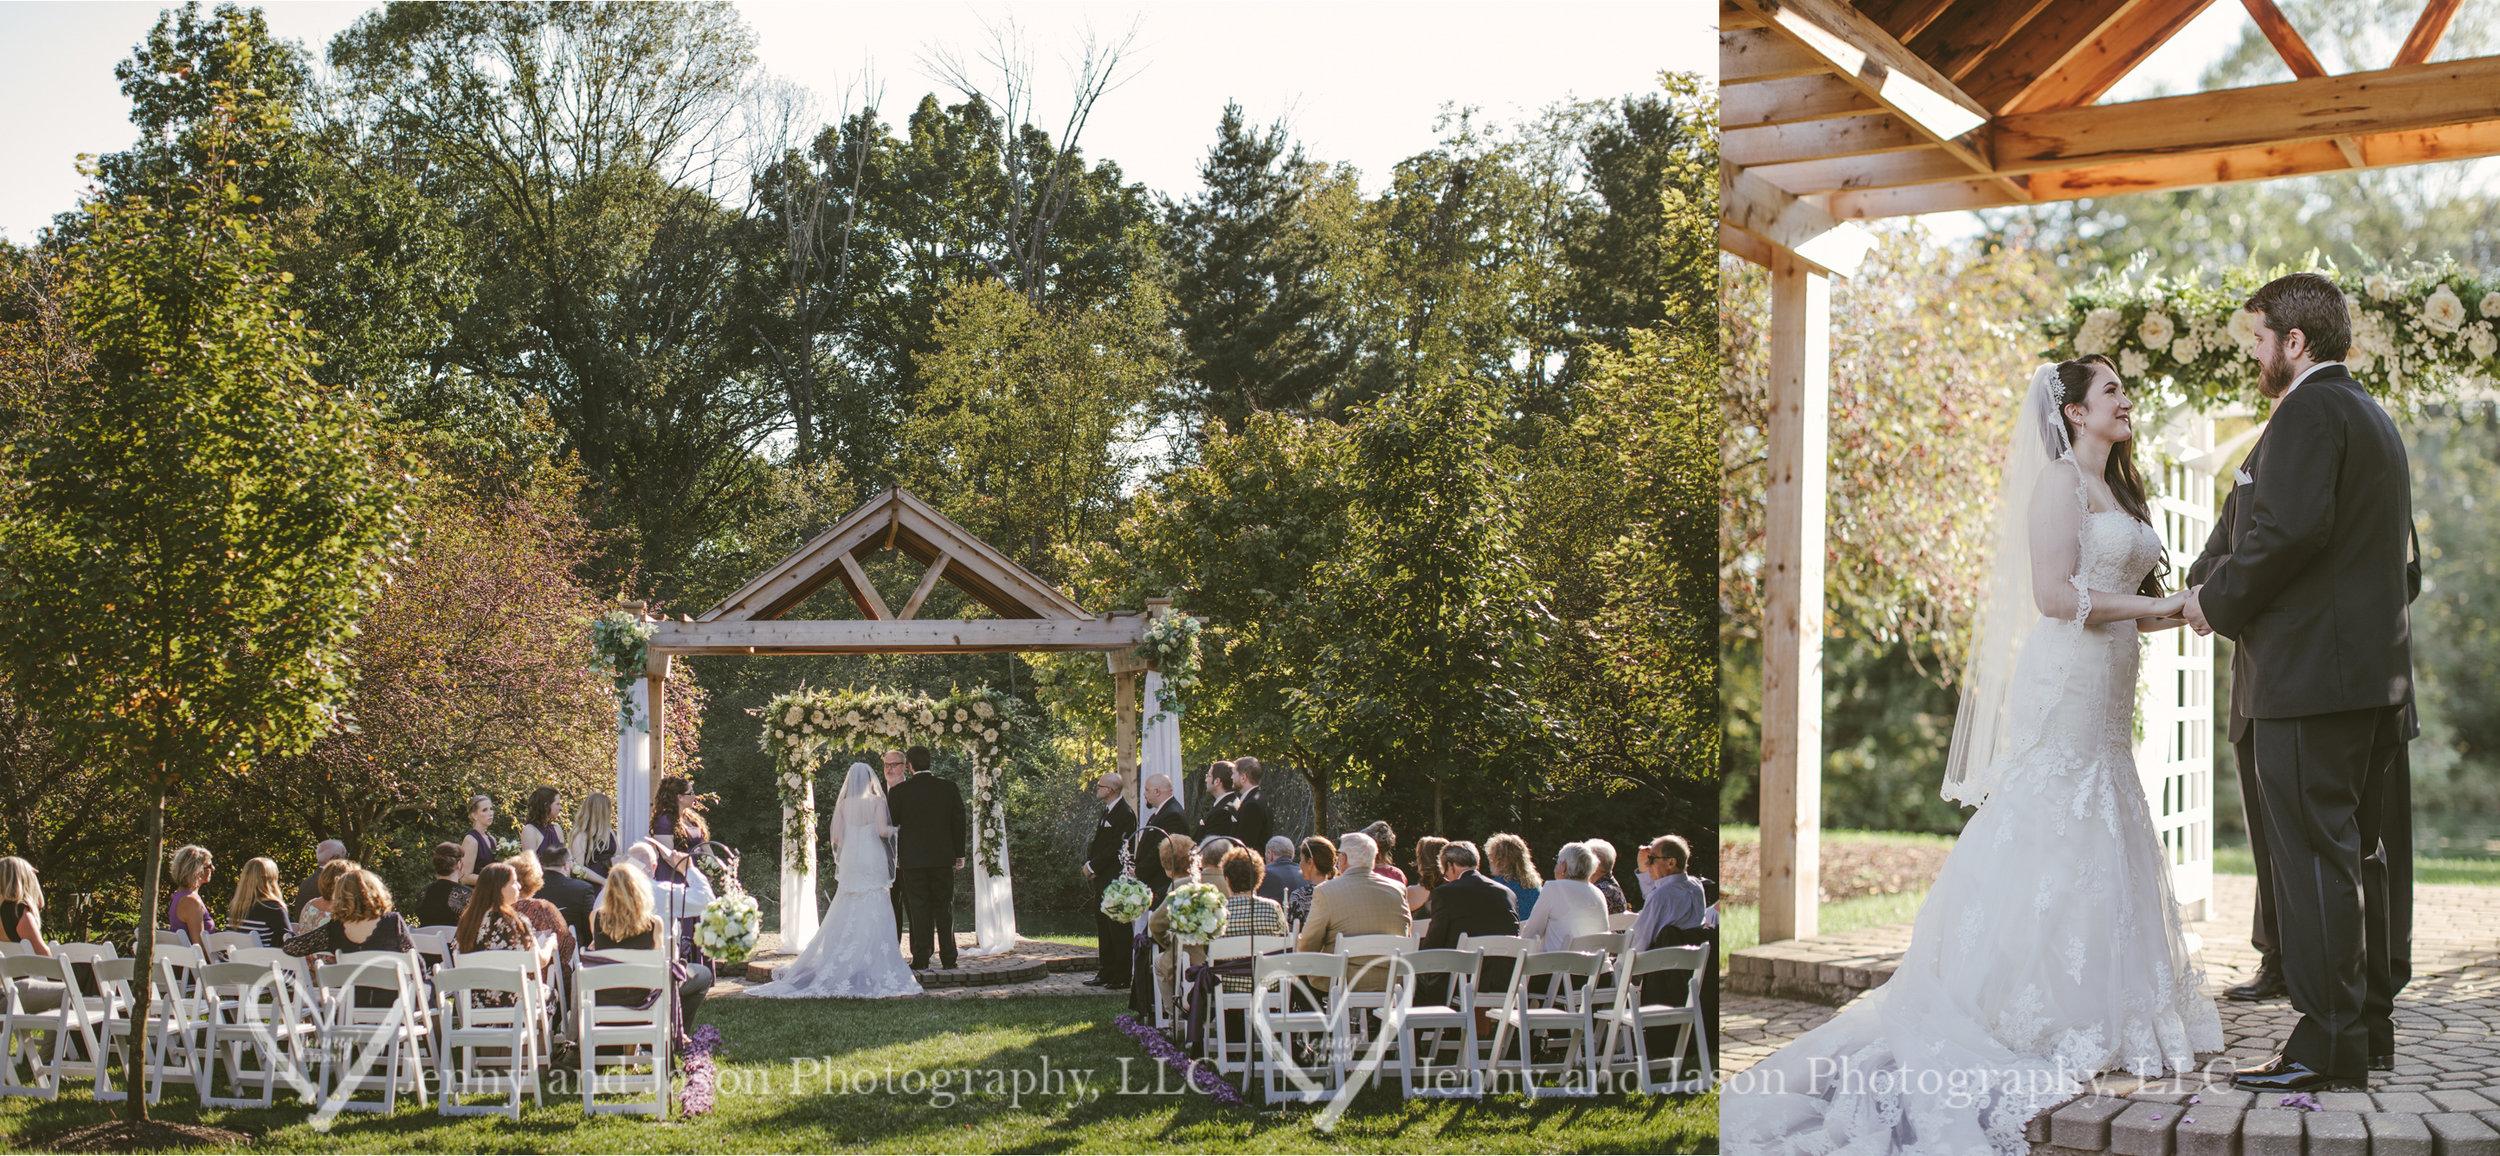 021 best of weddings 2018.jpg